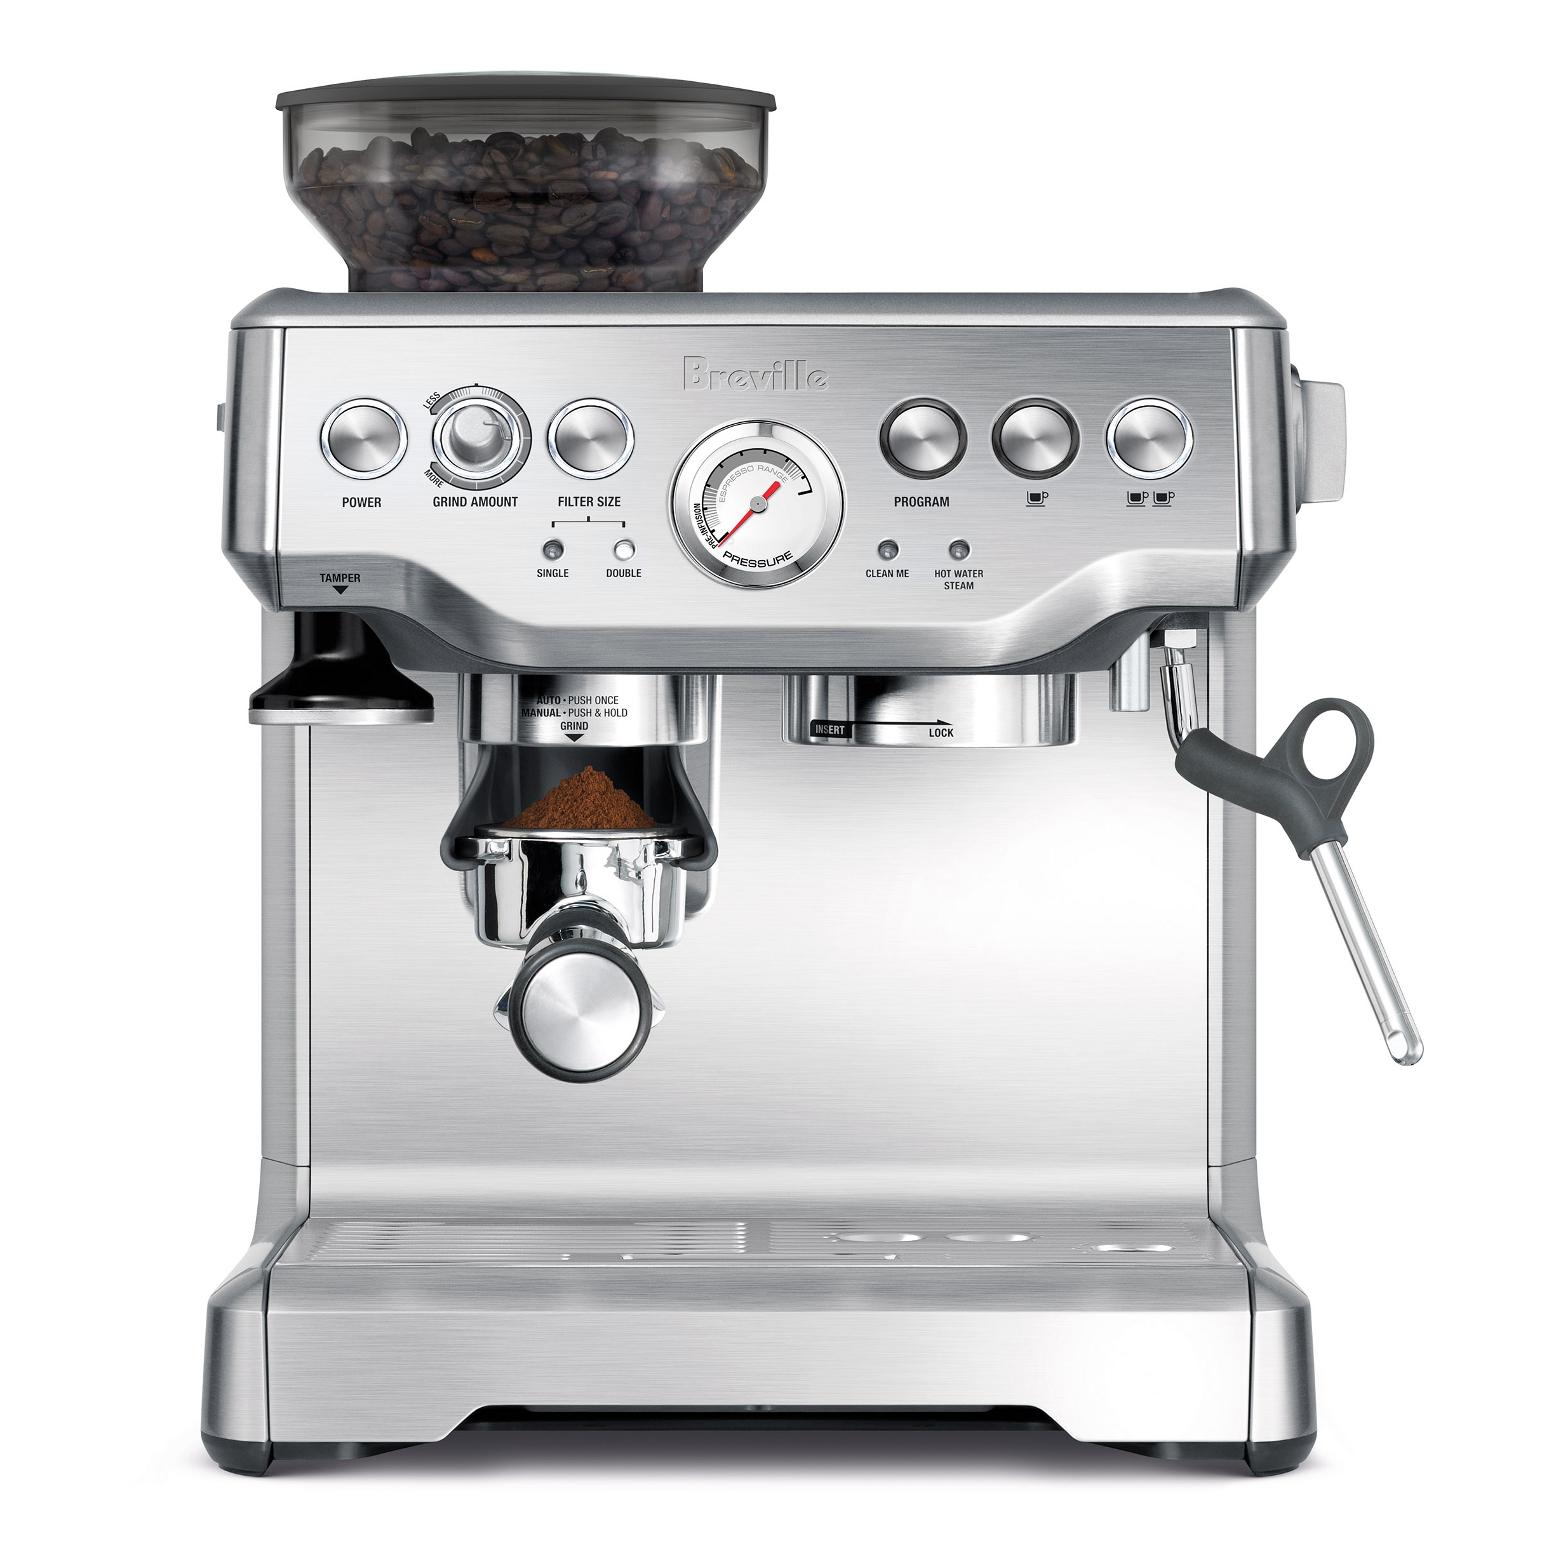 Breville BES870XL Barista Express Stainless Steel Espresso Machine